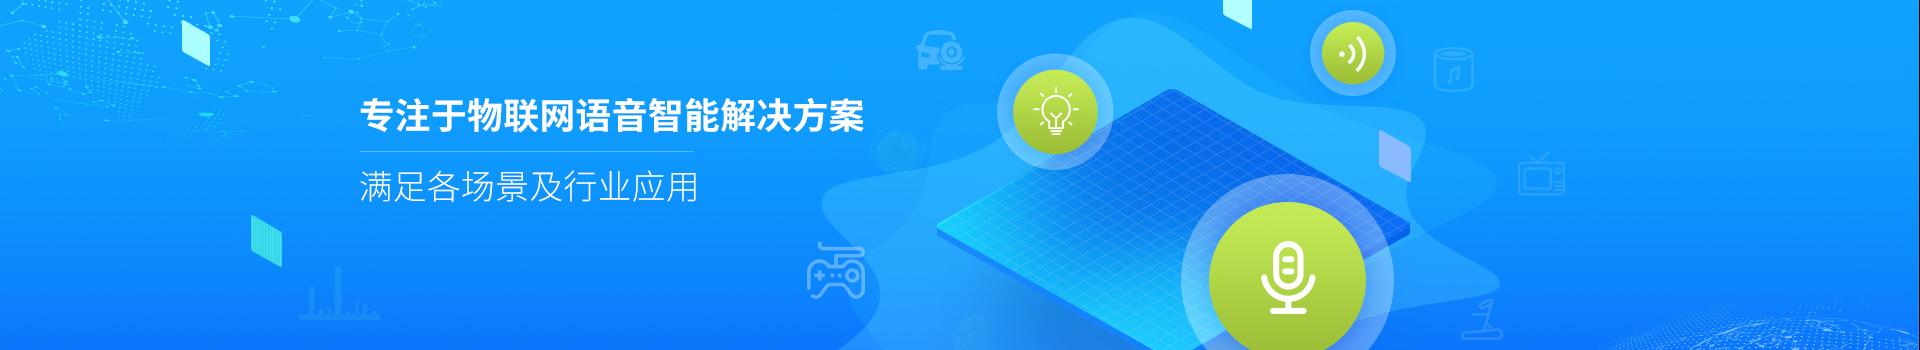 轻生活科技专注于物联网语音智能解决方案,满足各场景及行业应用